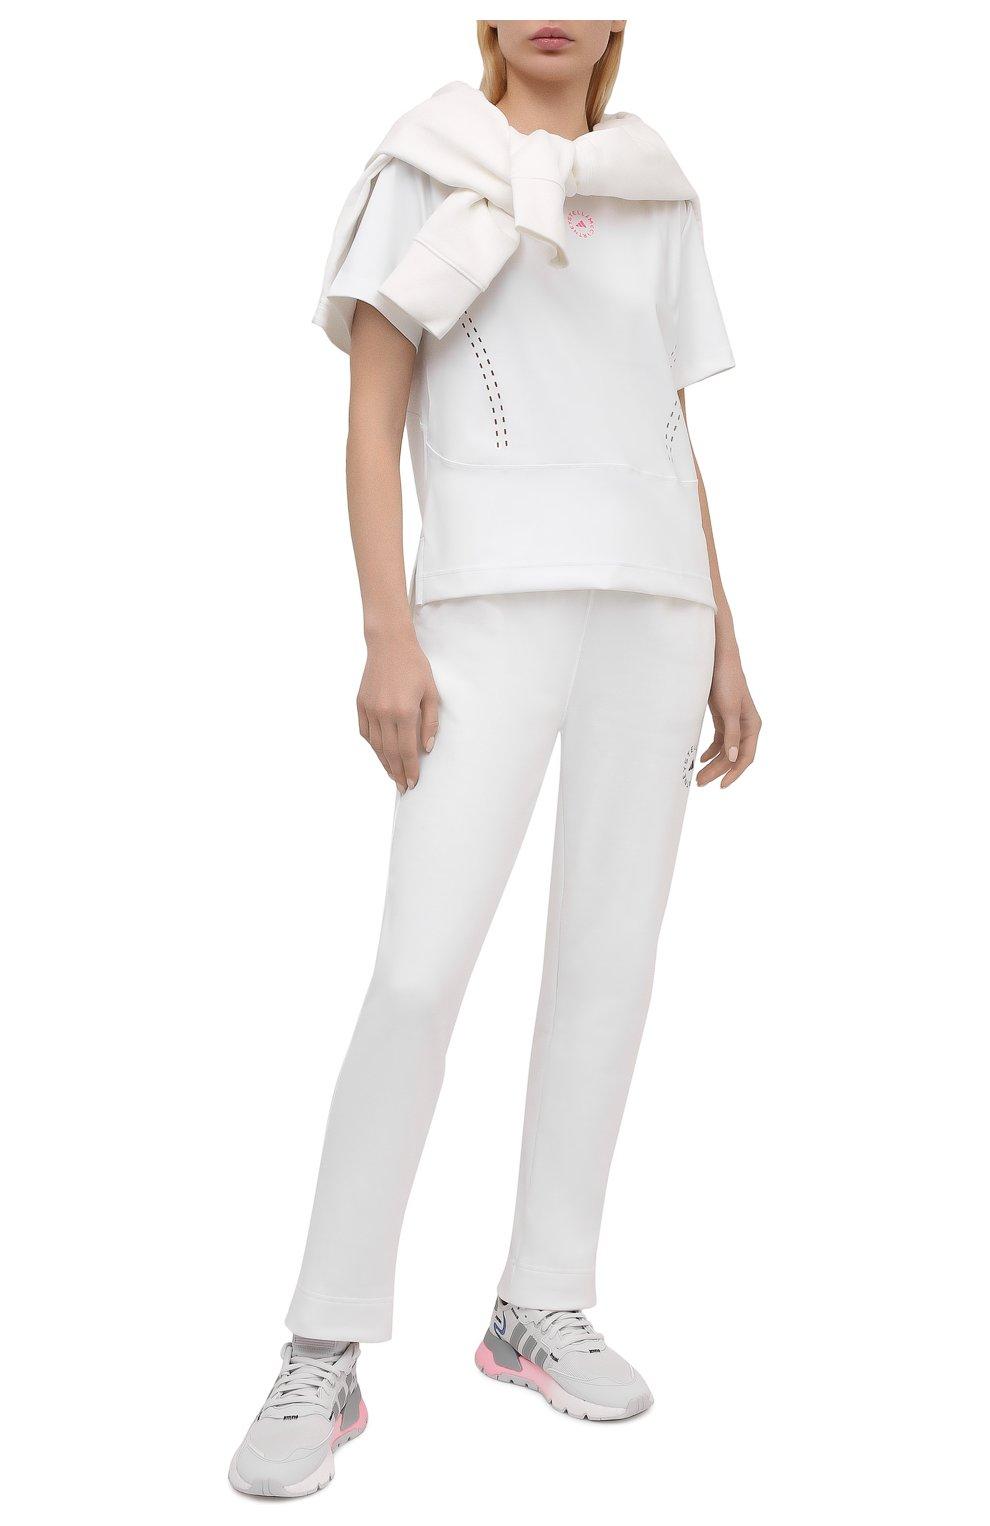 Женская футболка ADIDAS BY STELLA MCCARTNEY белого цвета, арт. GL5270 | Фото 2 (Женское Кросс-КТ: Футболка-спорт, Футболка-одежда; Рукава: Короткие; Материал внешний: Синтетический материал; Длина (для топов): Стандартные; Принт: С принтом; Стили: Спорт-шик)